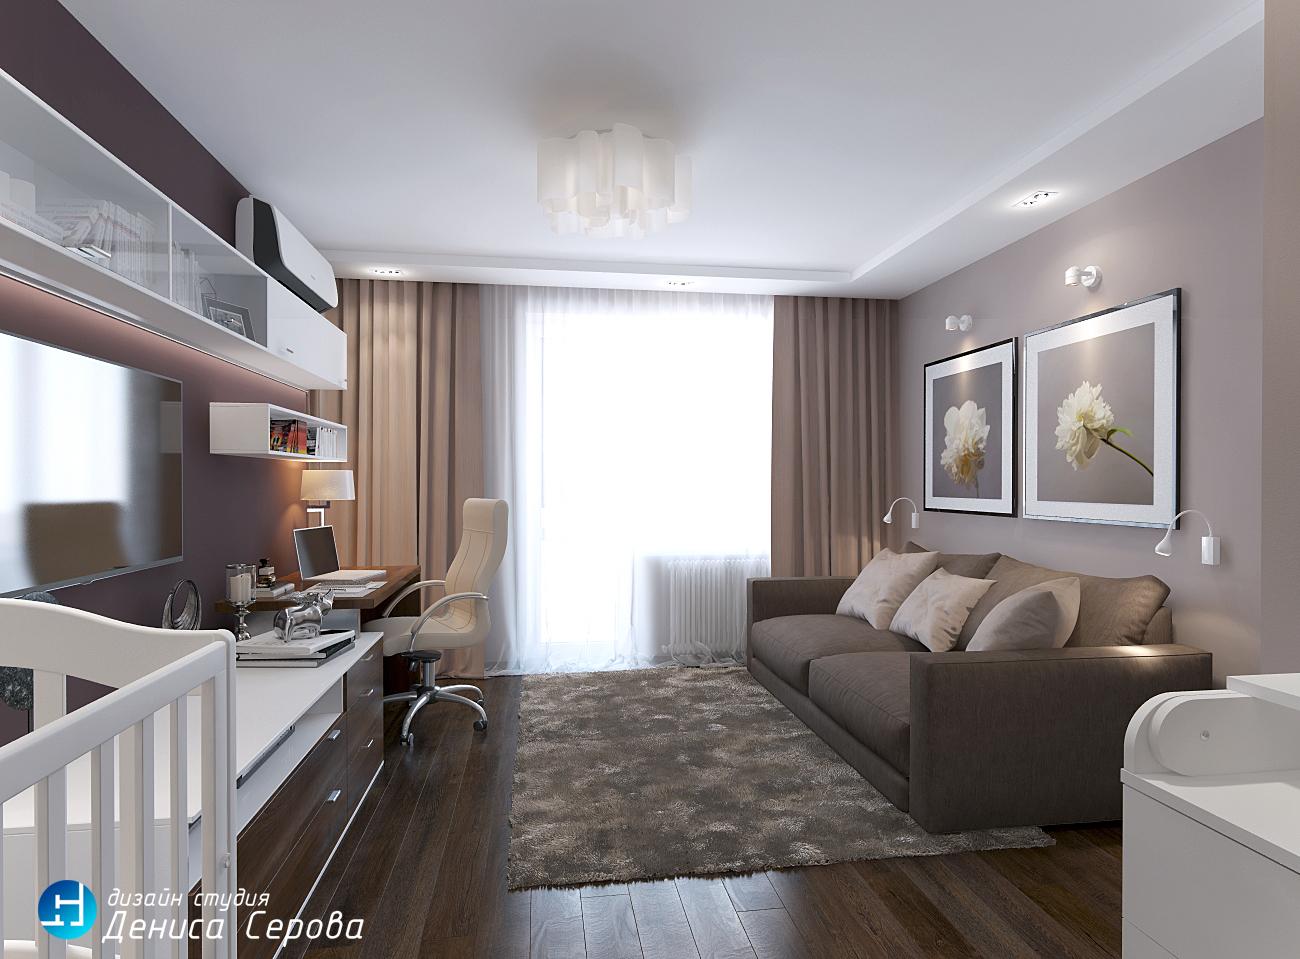 Дизайн — проект однокомнатной квартиры 40 кв.м. с гостиной-детской.